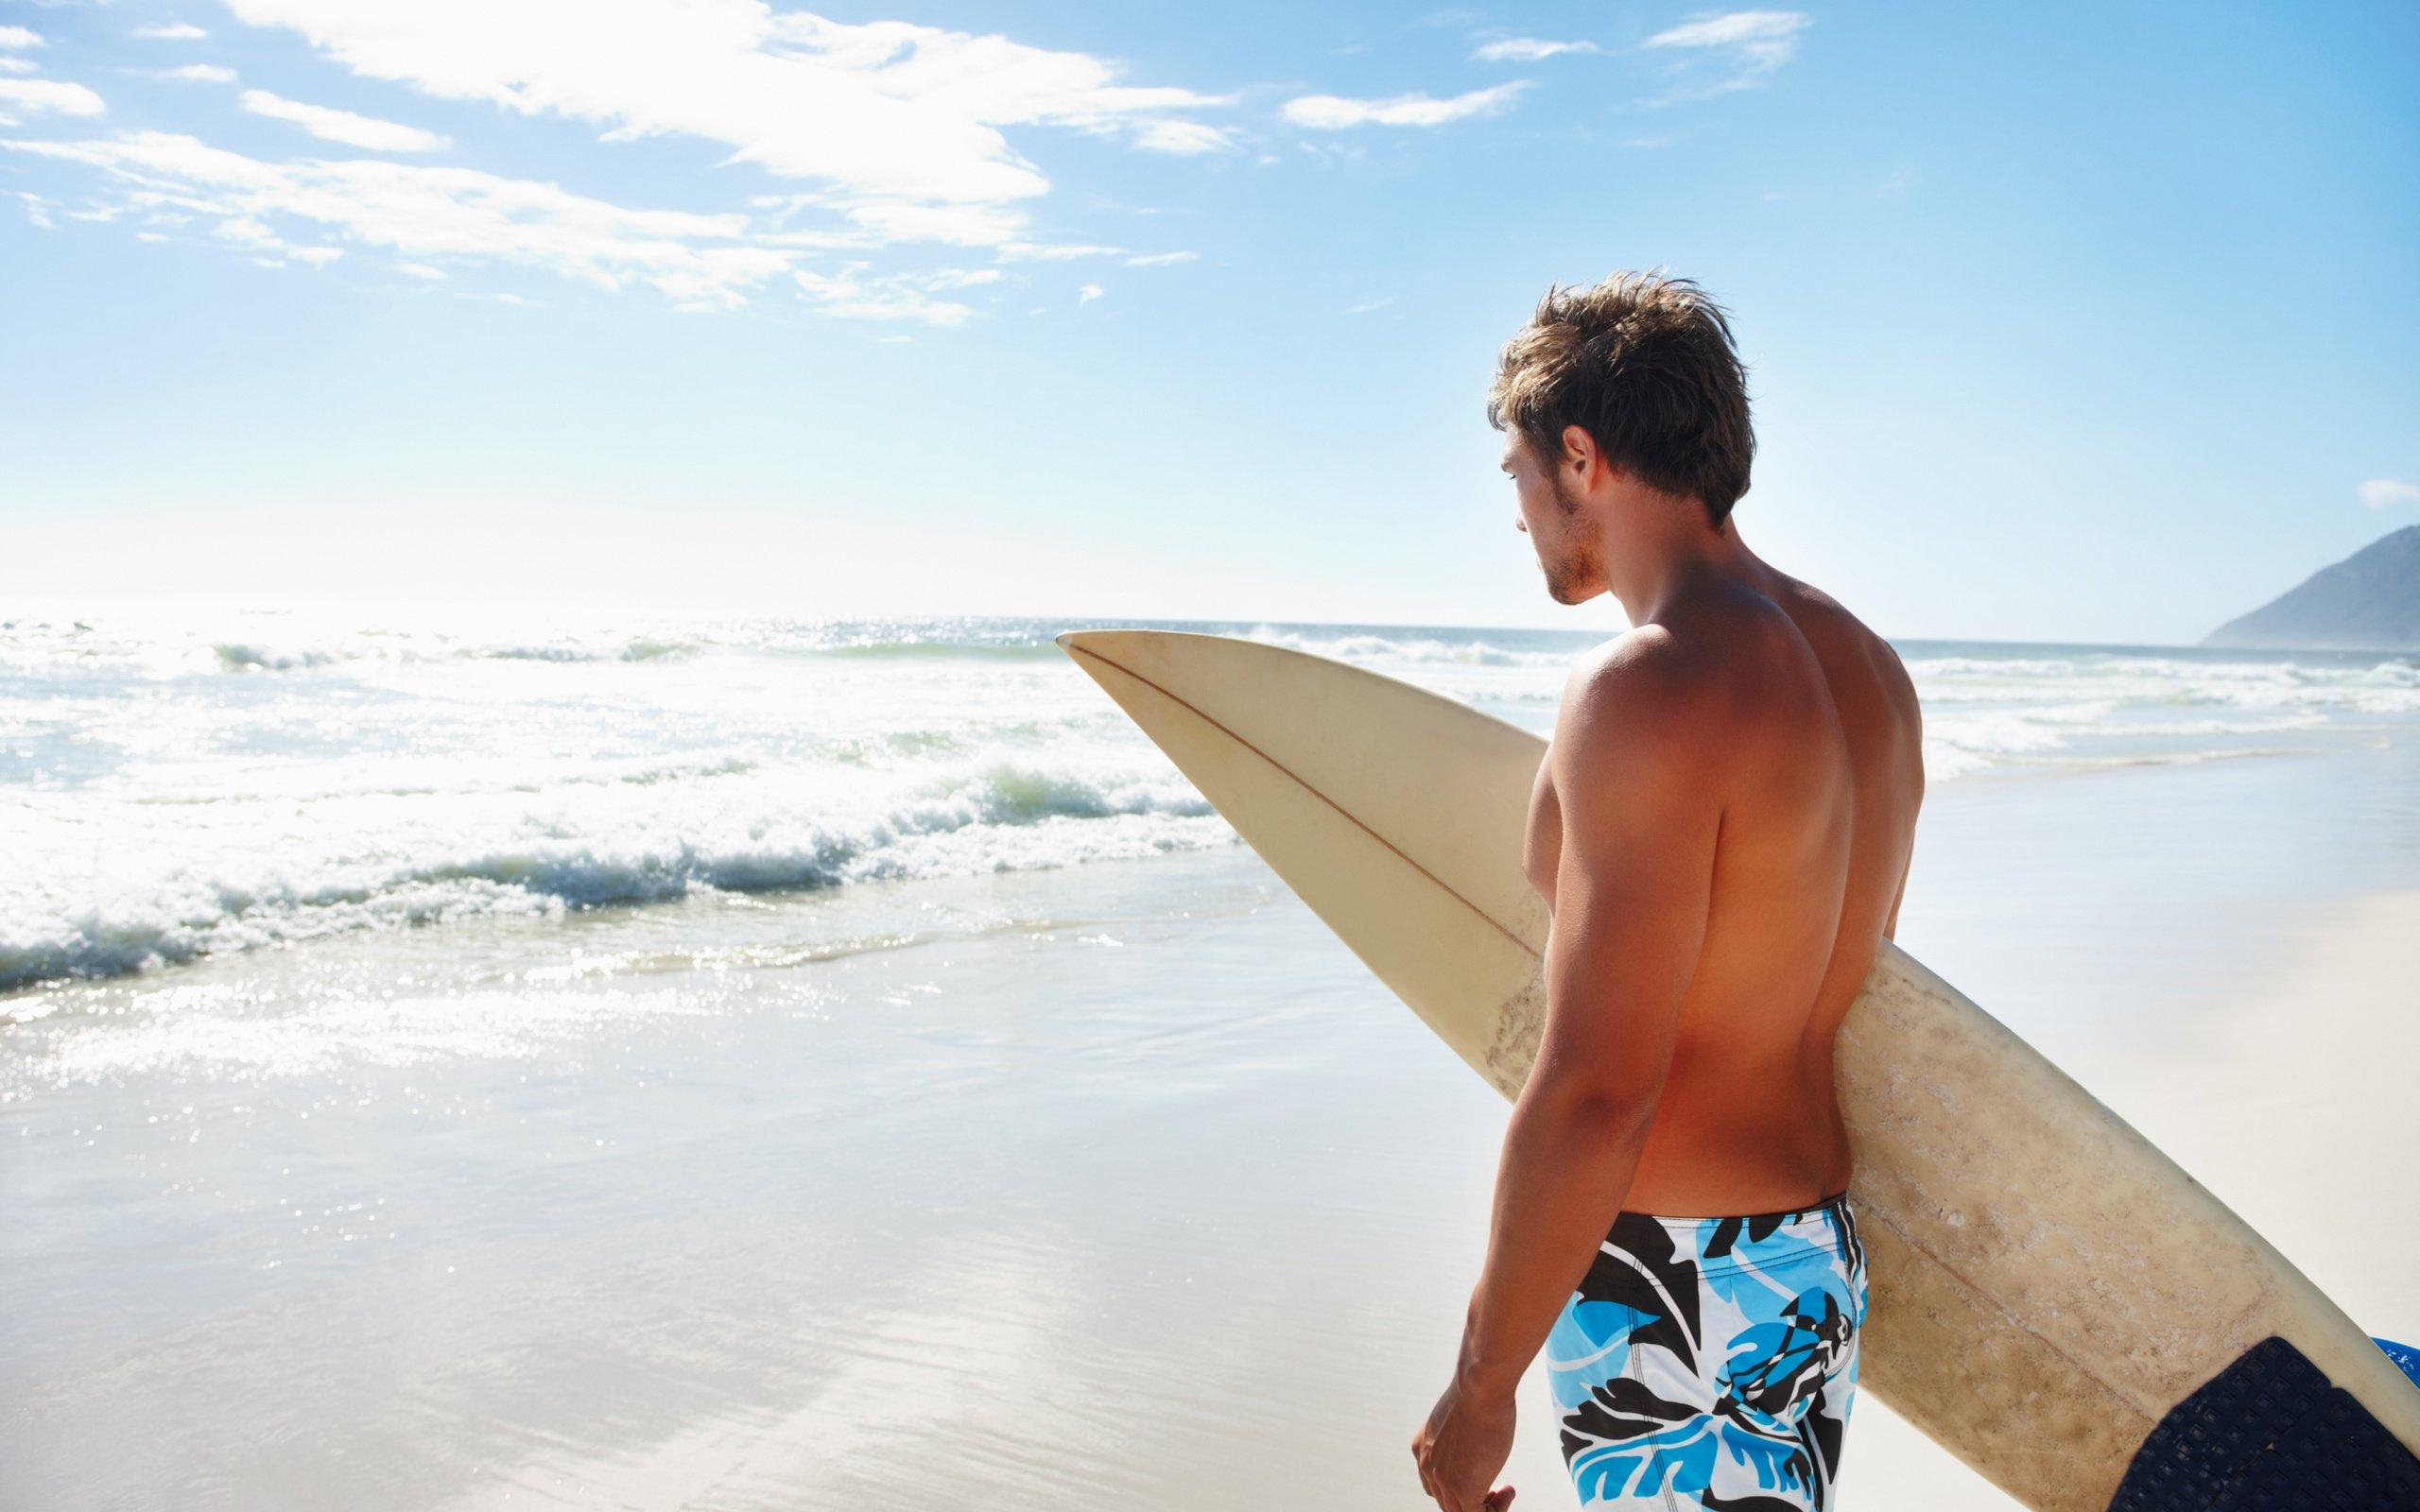 появляются при фото мужчин на море летом свидетельствам